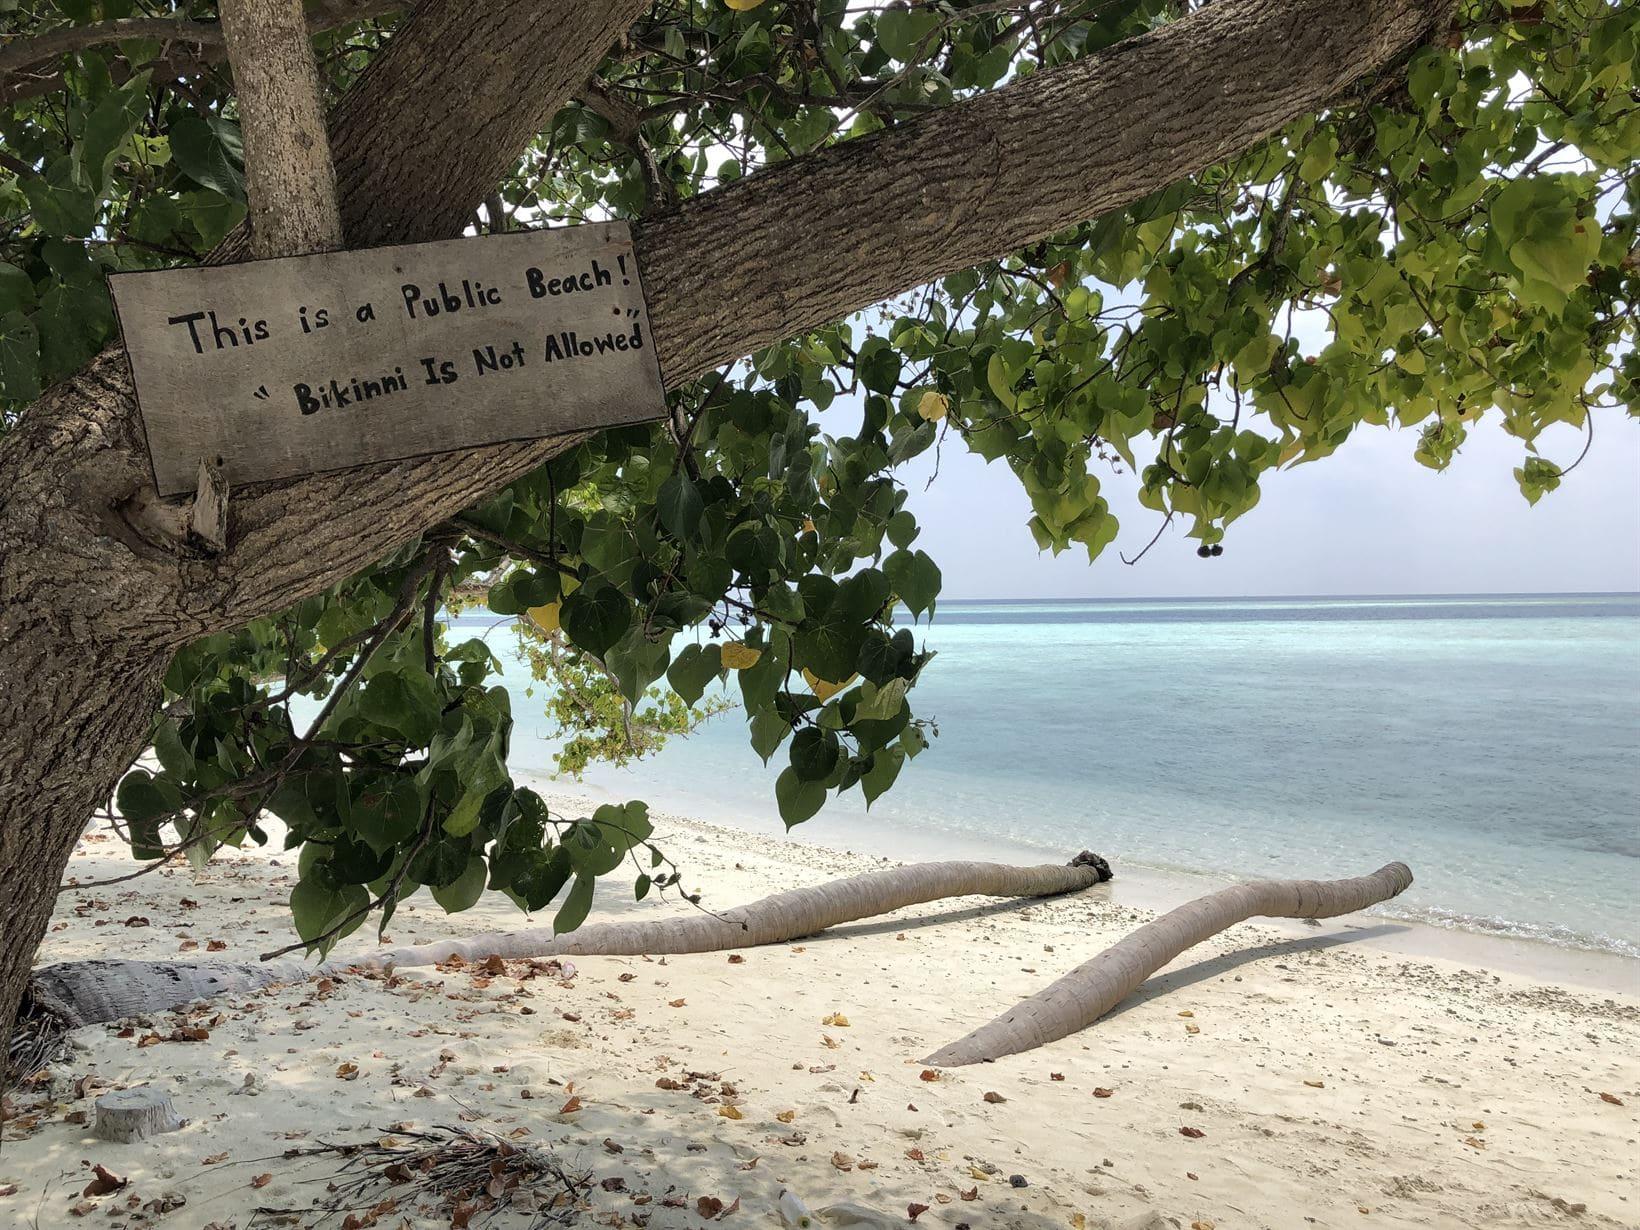 placa praia proibido biquini maldivas